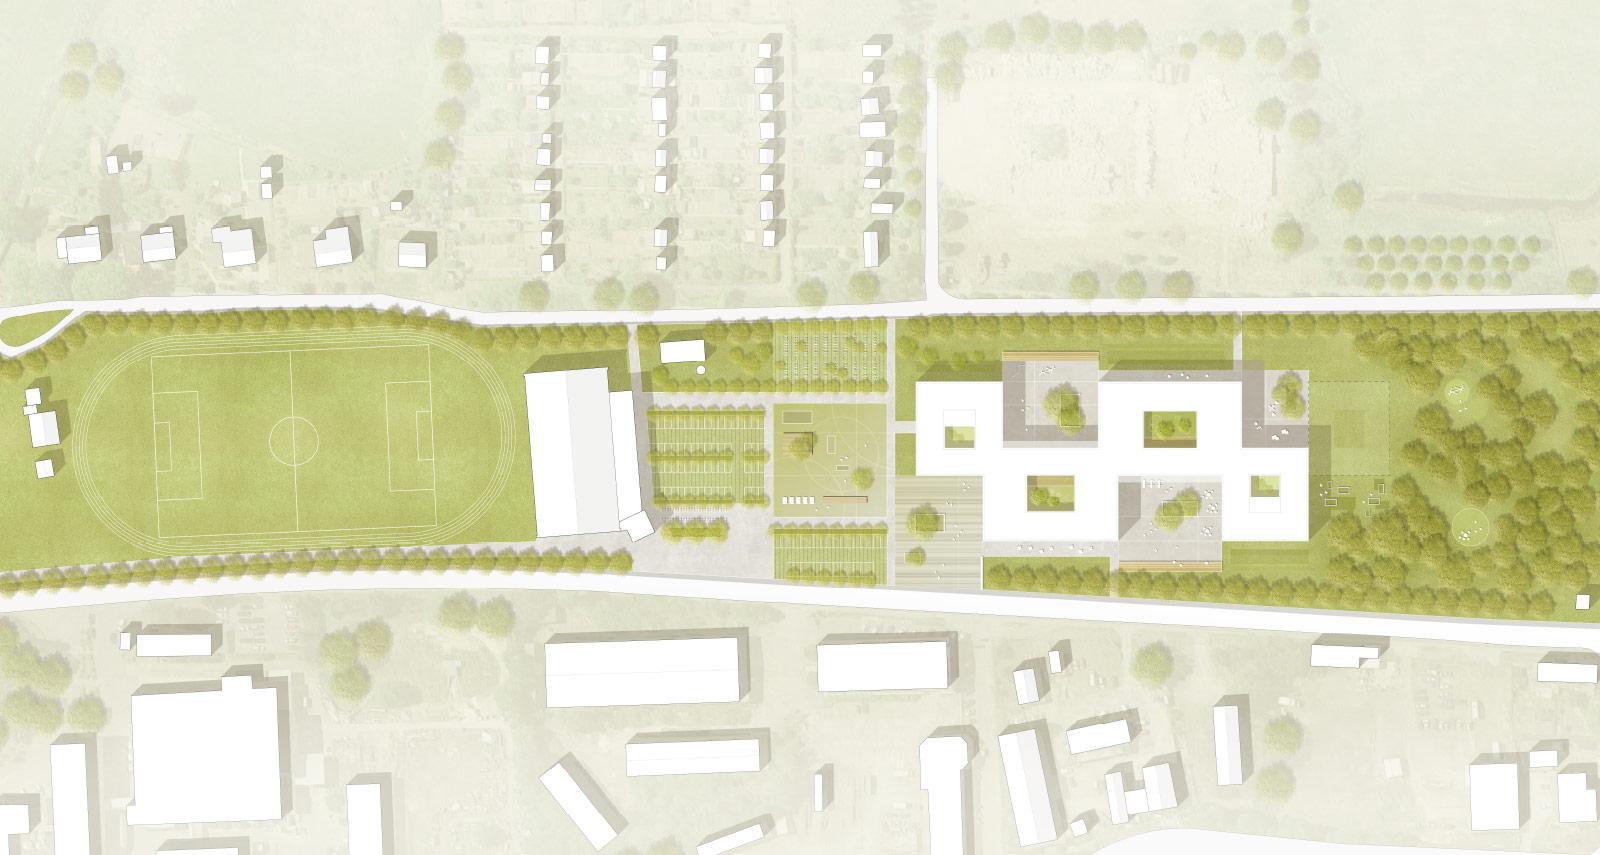 Neubau einer Regionalschule in Bützow